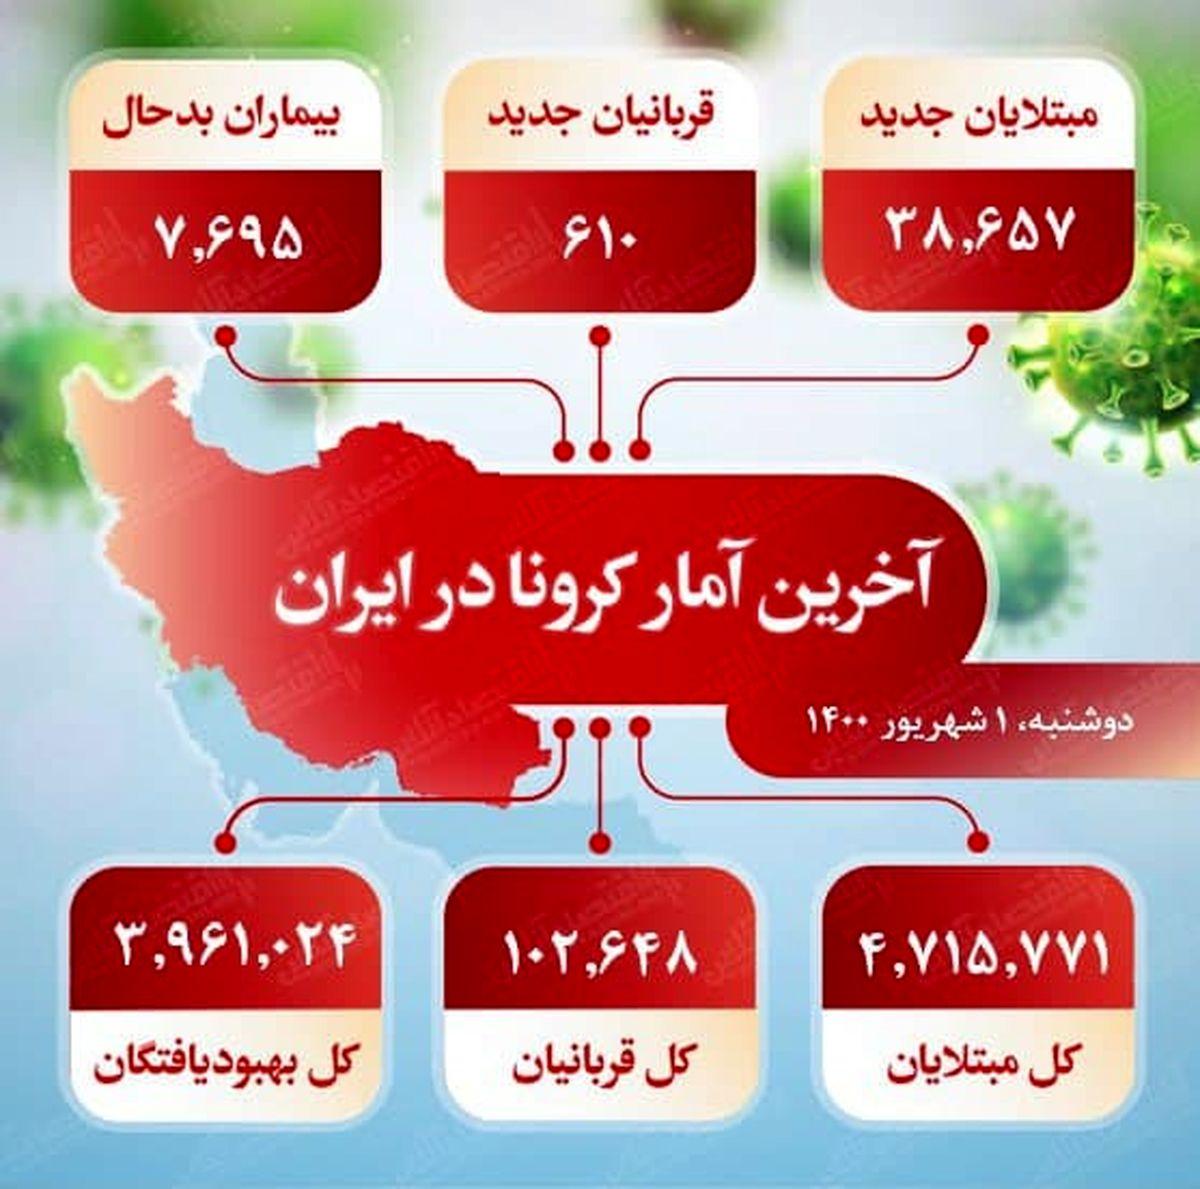 آخرین آمار کرونا در ایران (۱۴۰۰/۶/۱)